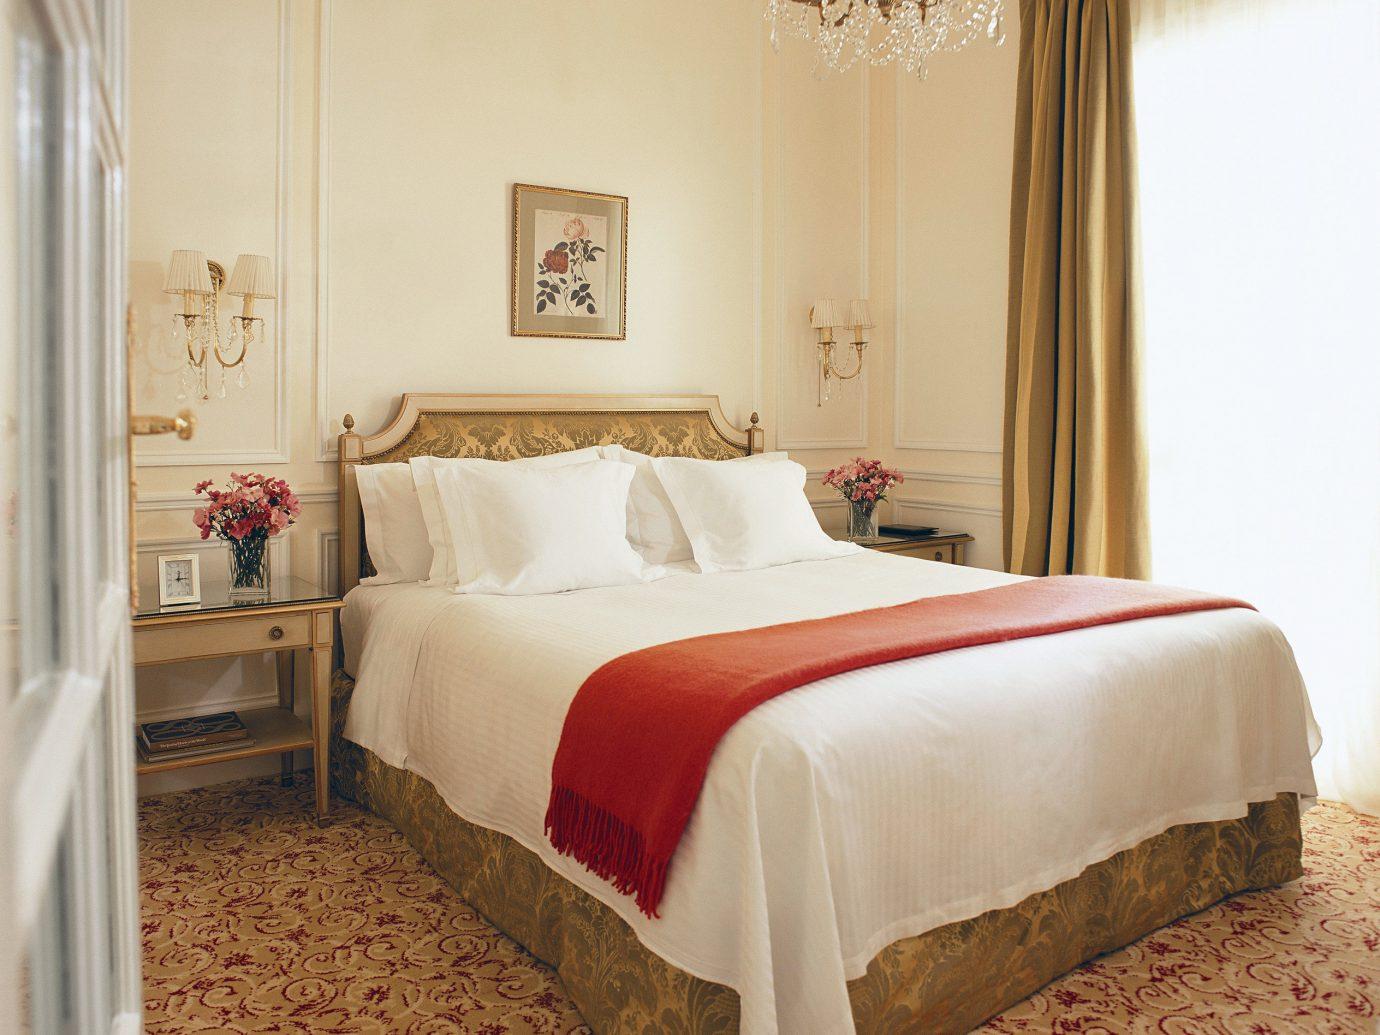 Bedroom Elegant Hotels Living Luxury wall indoor bed sofa room floor property furniture hotel Suite interior design bed sheet bed frame cottage estate